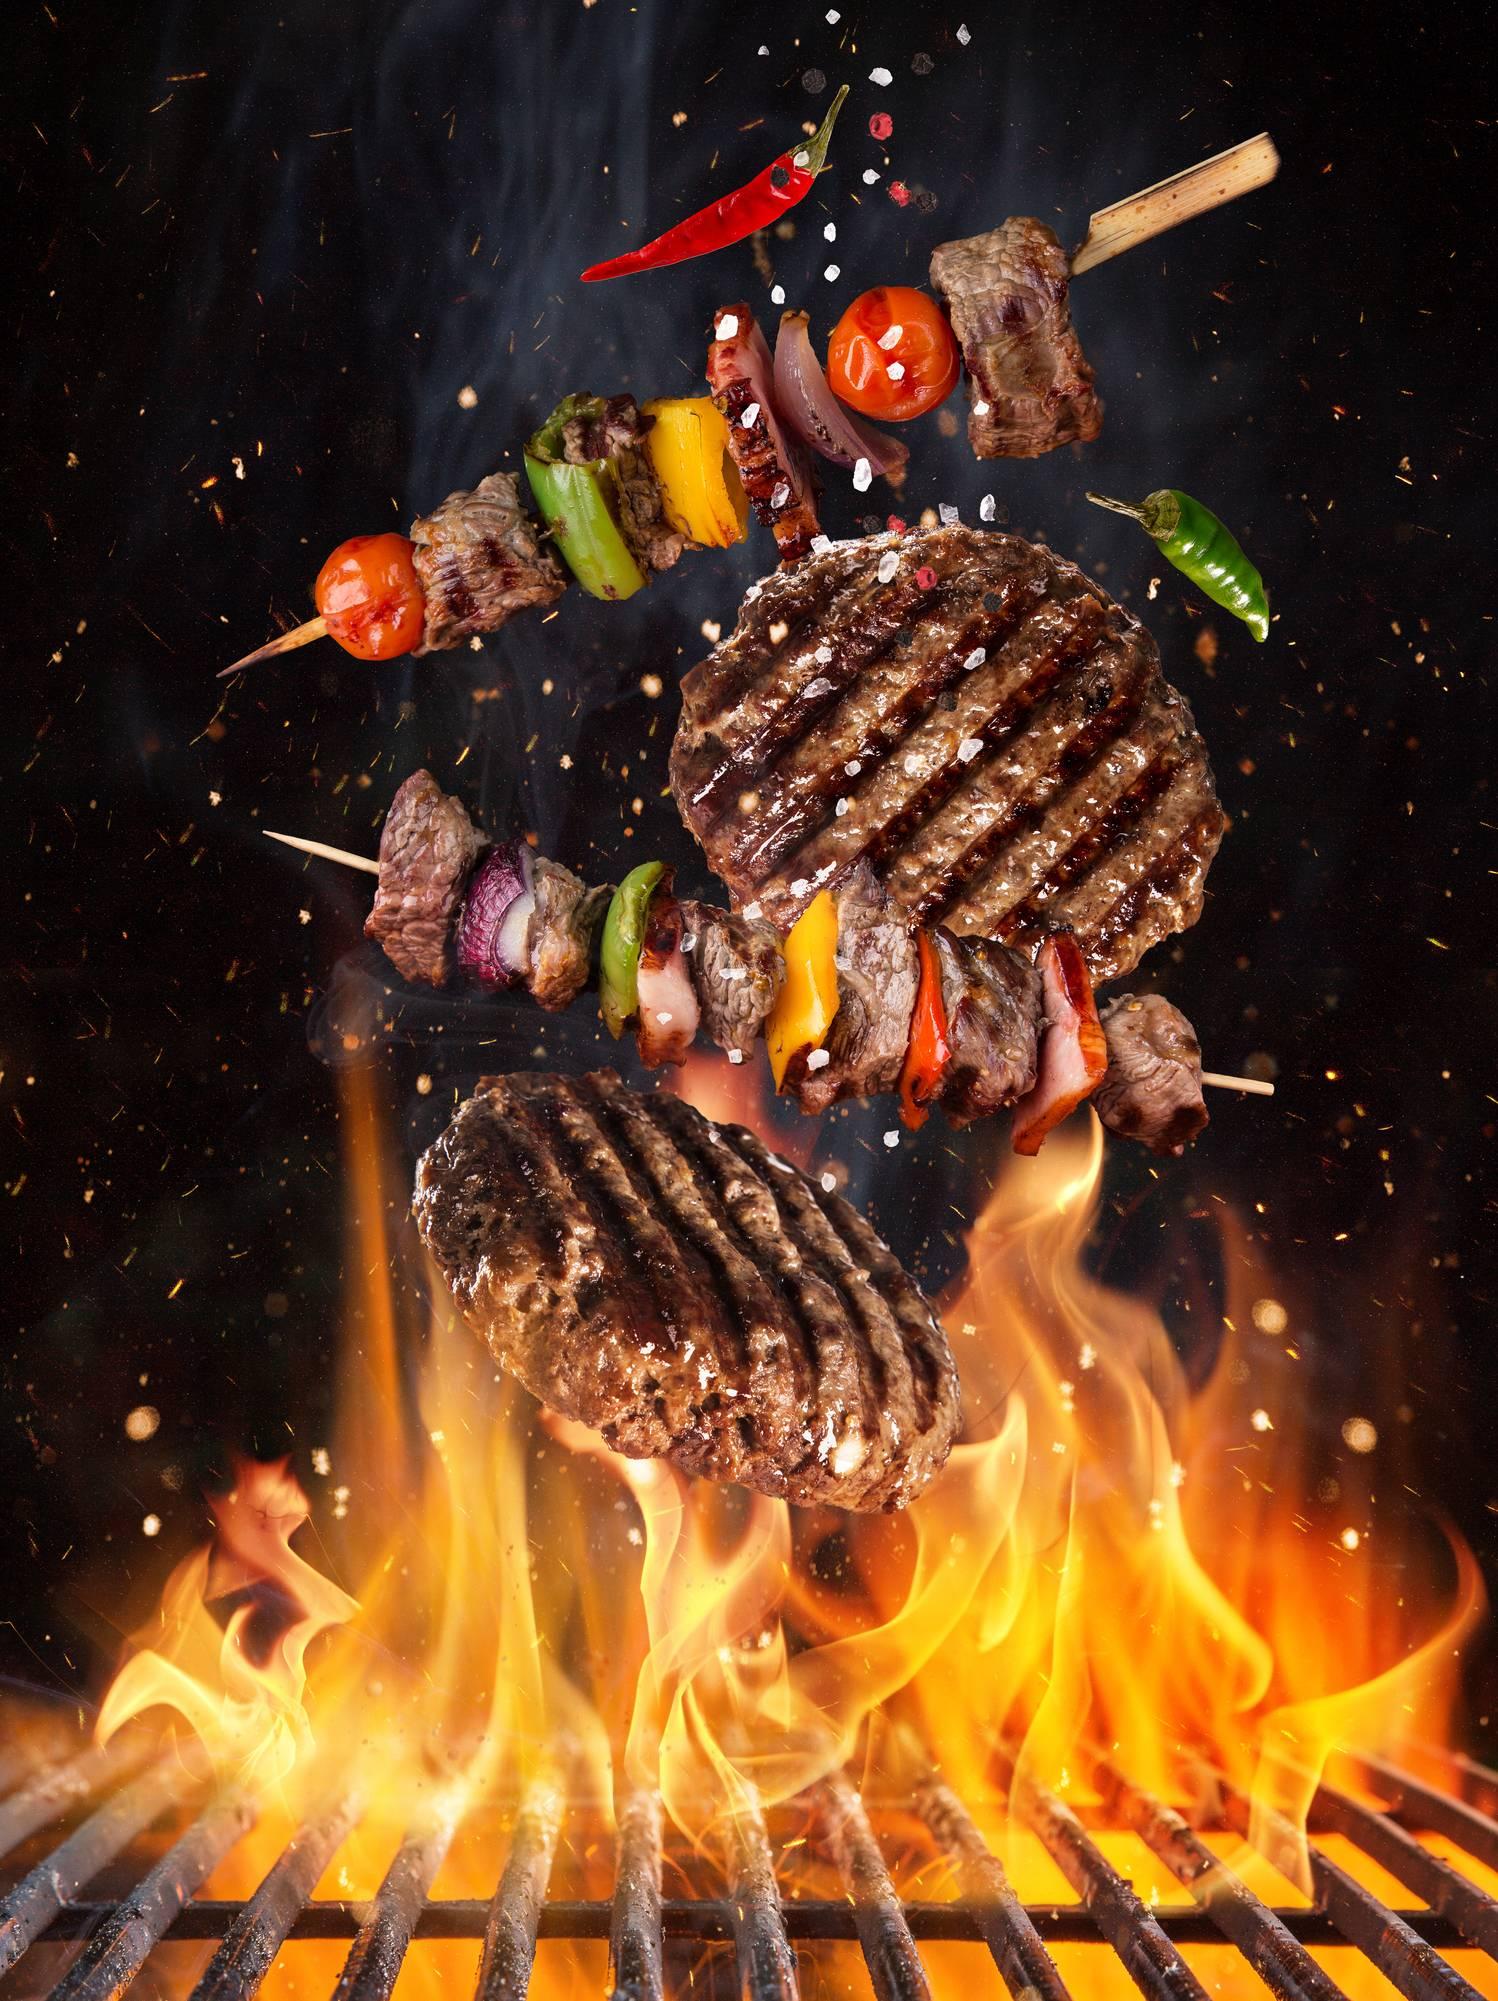 Grillades sur le feu du barbecue